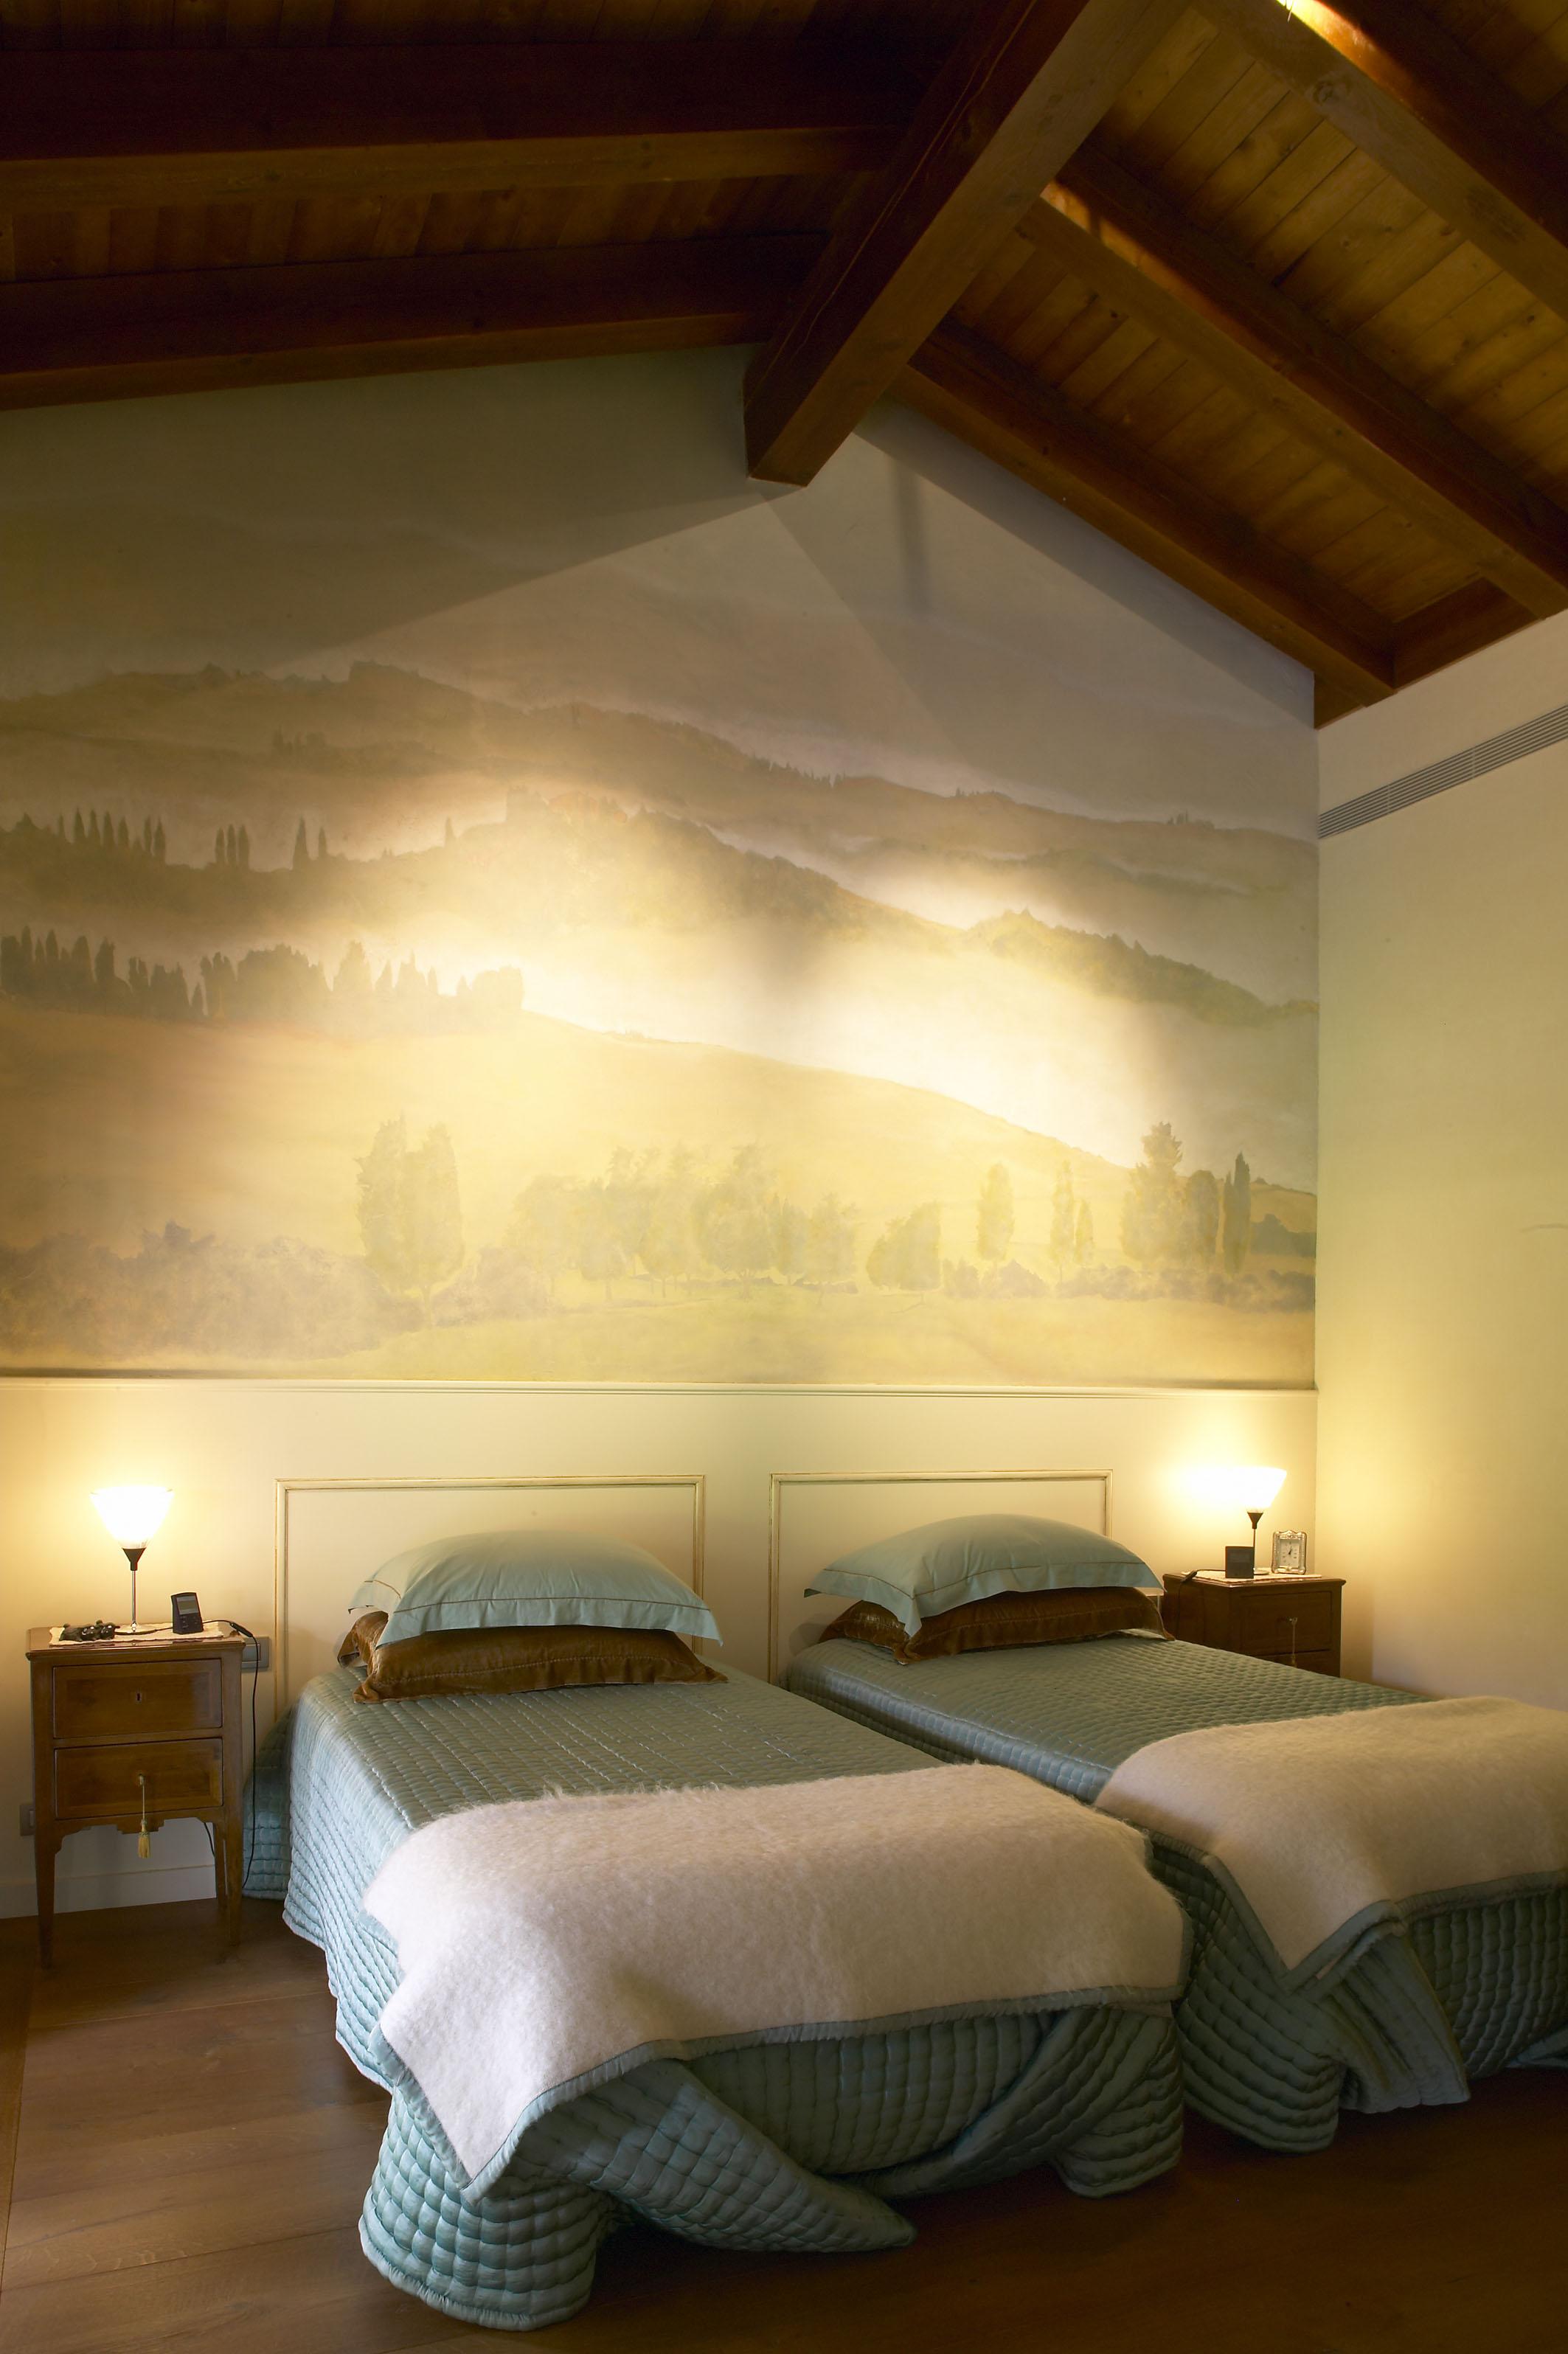 Cabezal Casa Sant Cugat Del Vall S Carpinter A Francisco Moreno Sl # Muebles Sant Cugat Del Valles